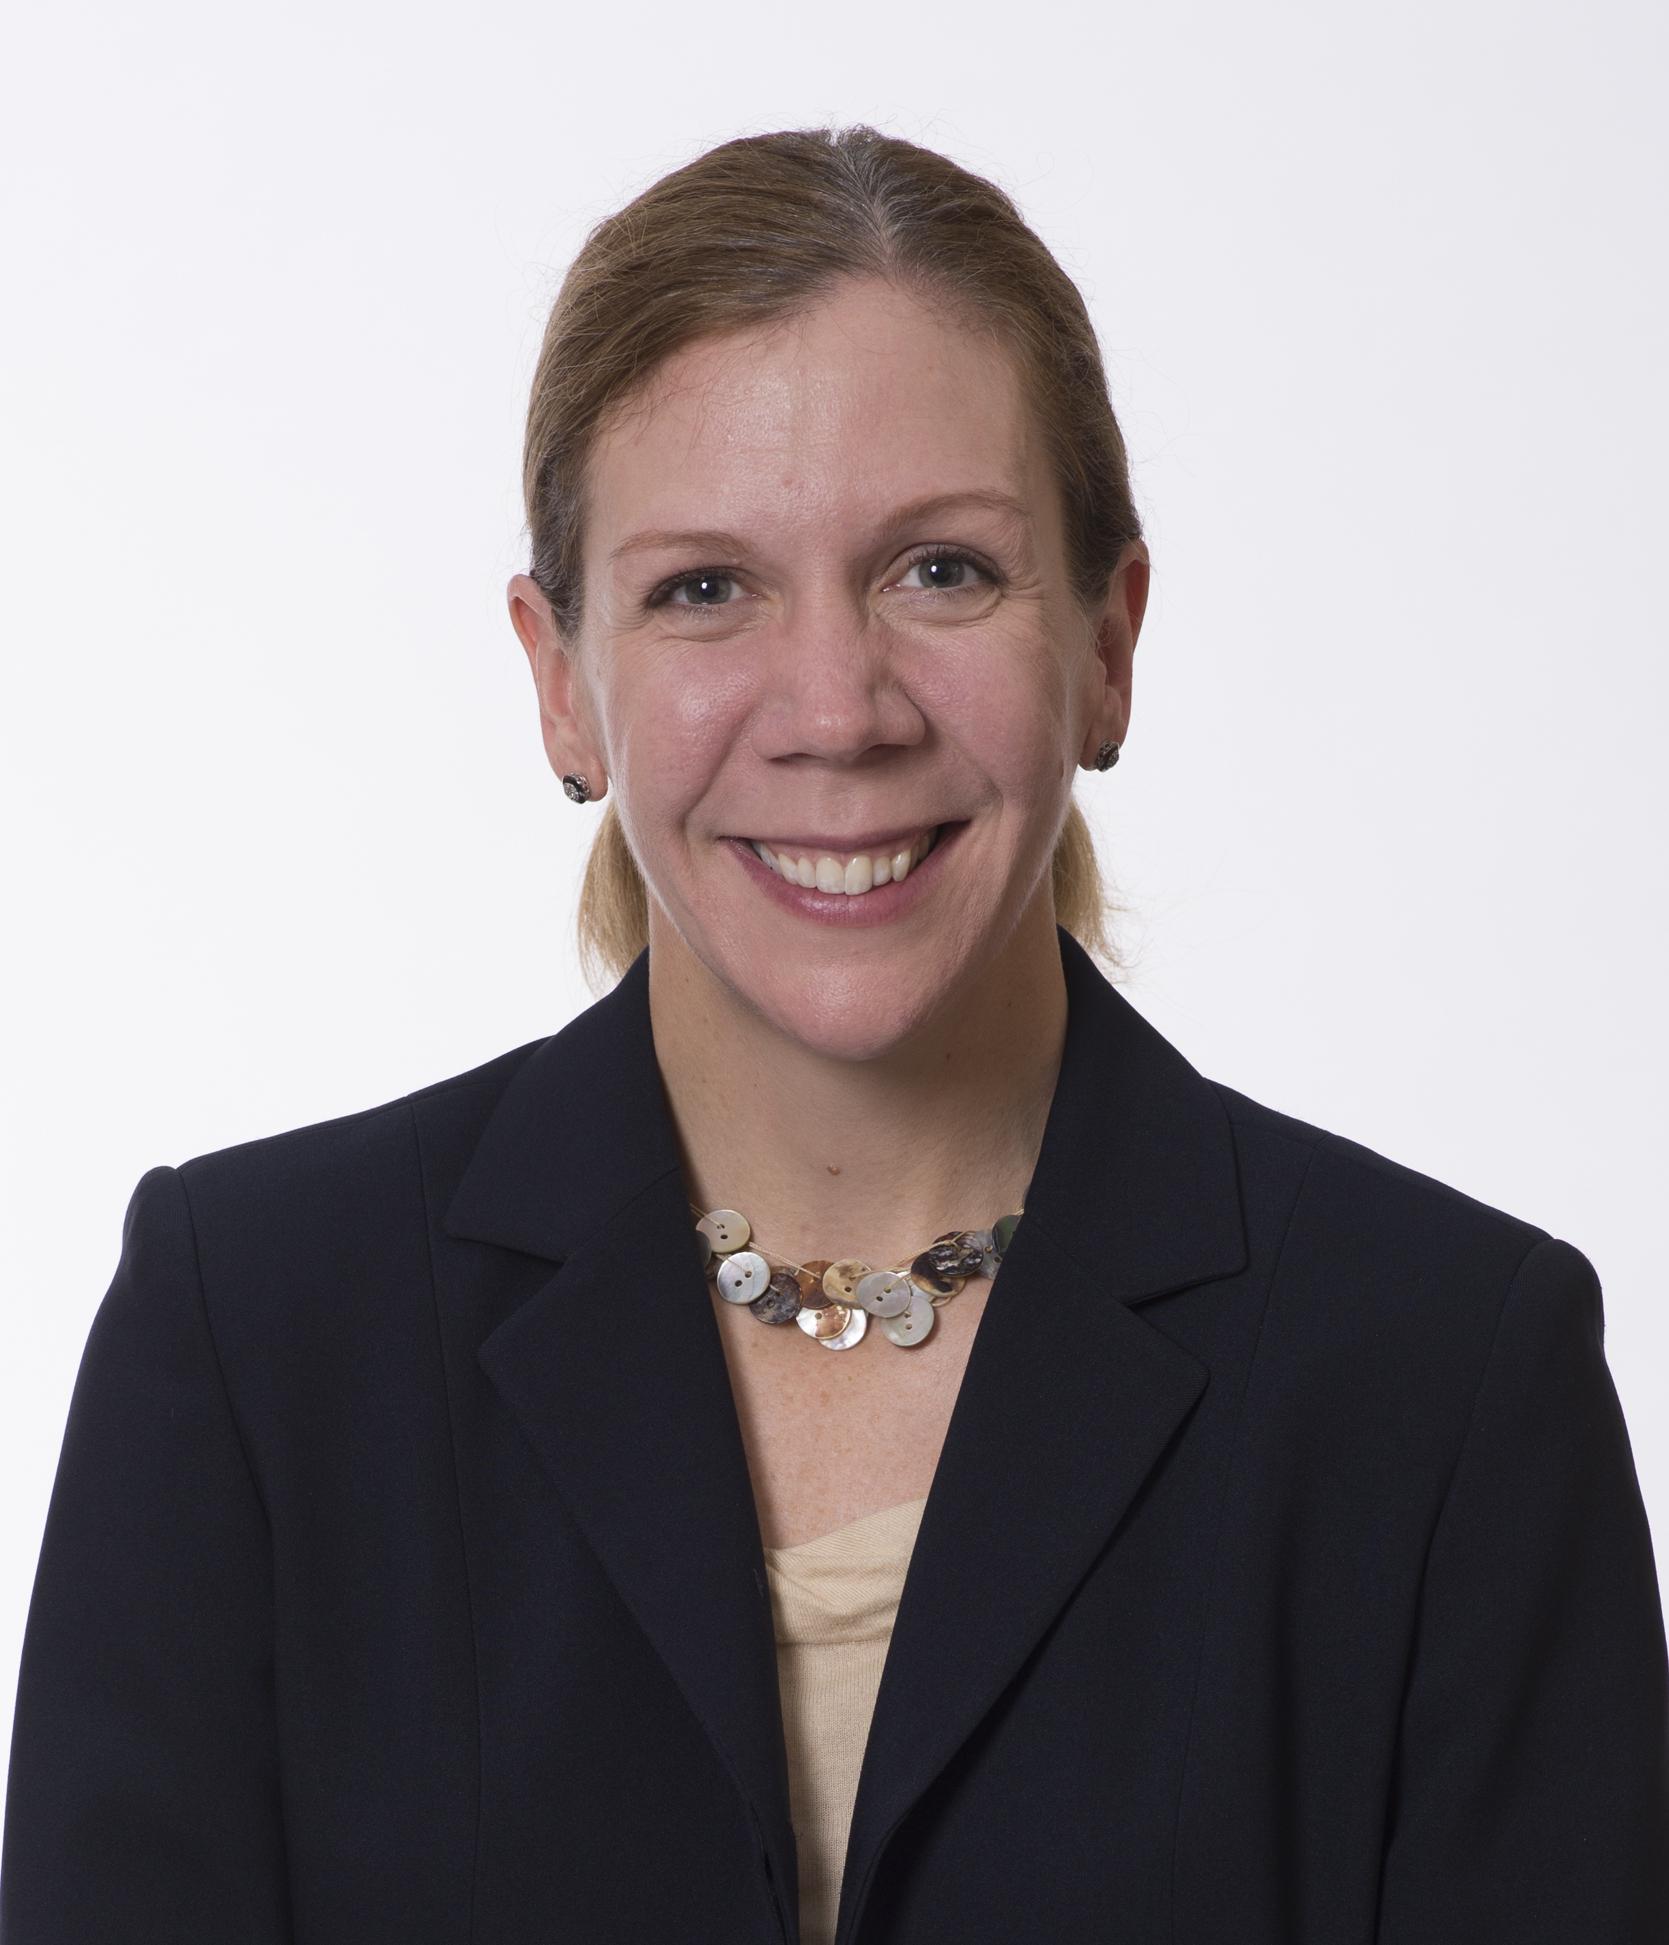 Amy Wrzesniewski, Ph.D.